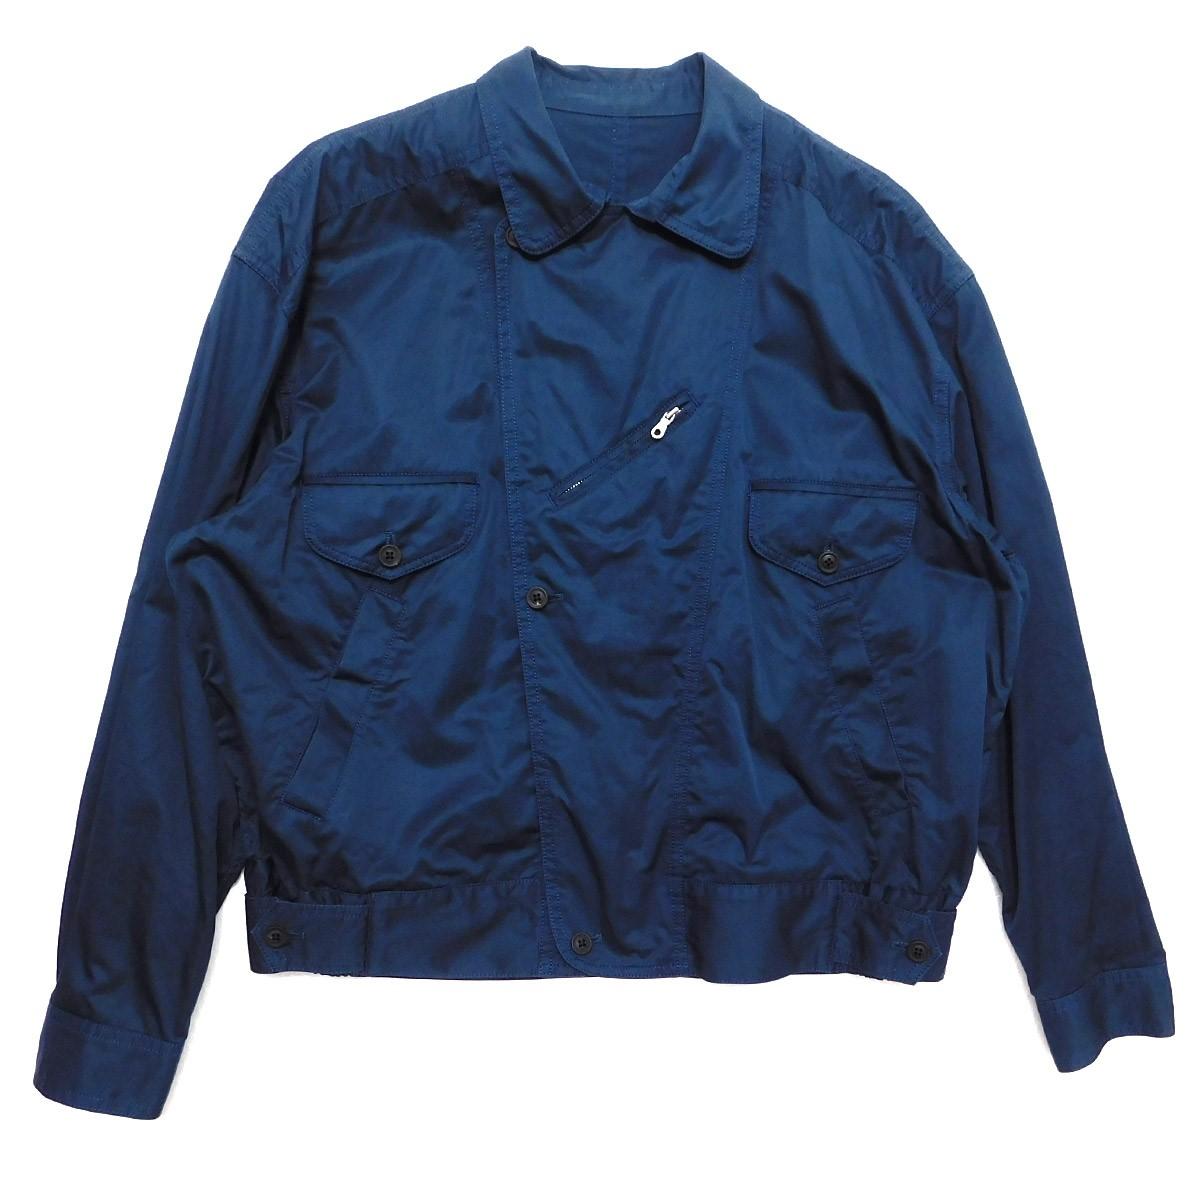 【中古】URU Moter Cycle Jacket モーターサイクルジャケット ネイビー サイズ:2 【080520】(ウル)